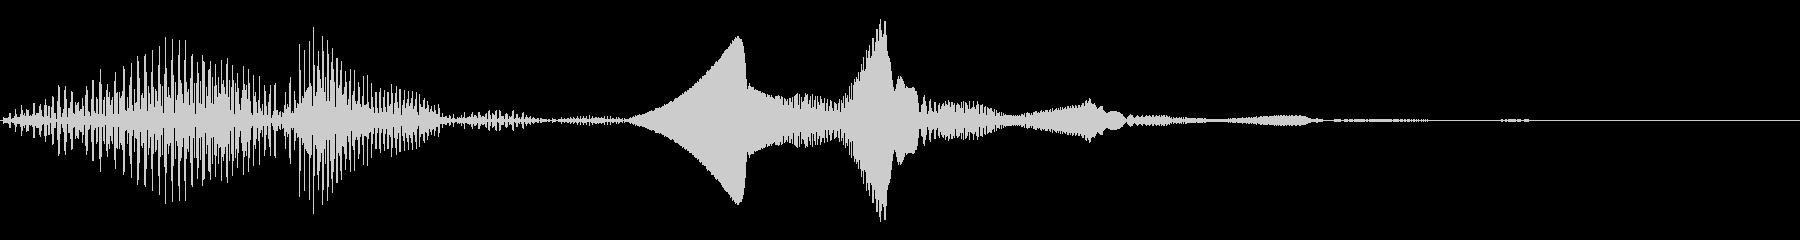 経絡秘孔を突くコミカルな刺打音_びよっの未再生の波形